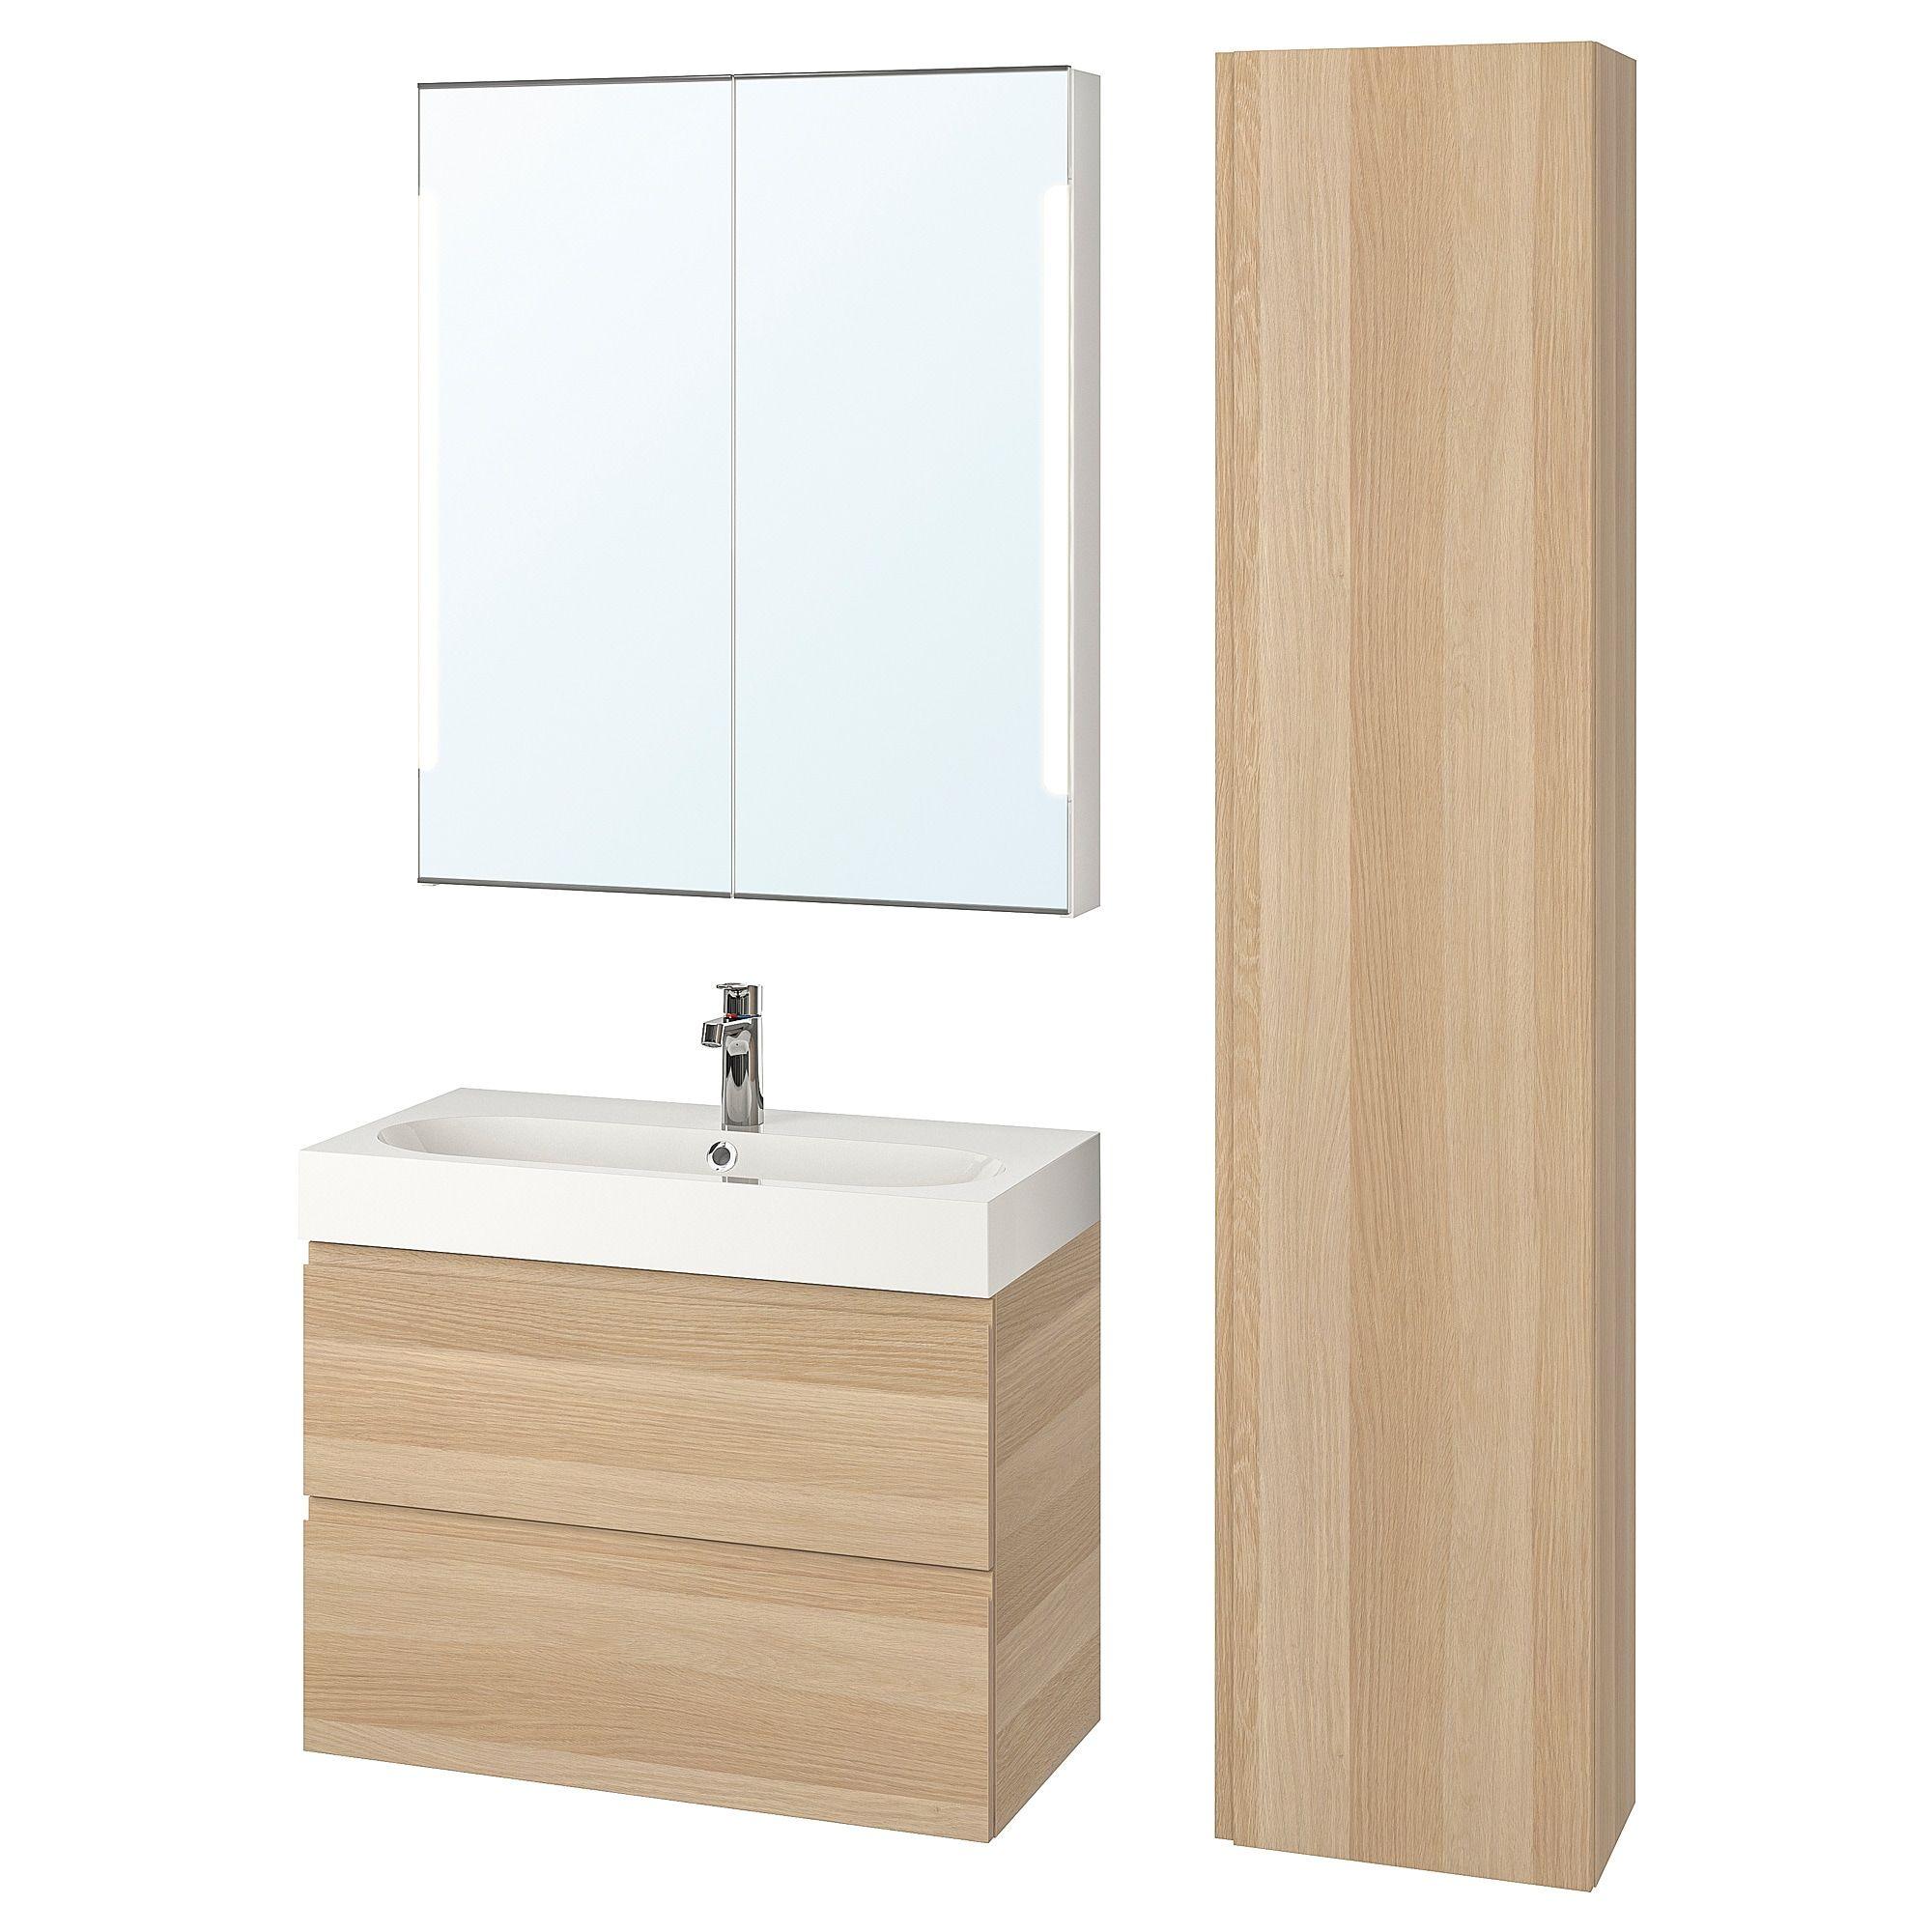 Godmorgon Braviken Badeinrichtung 5 Tlg Eicheneff Wlas Brogrund Mischbatterie Ikea Osterreich Bad Einrichten Ikea Godmorgon Ikea Einkaufen